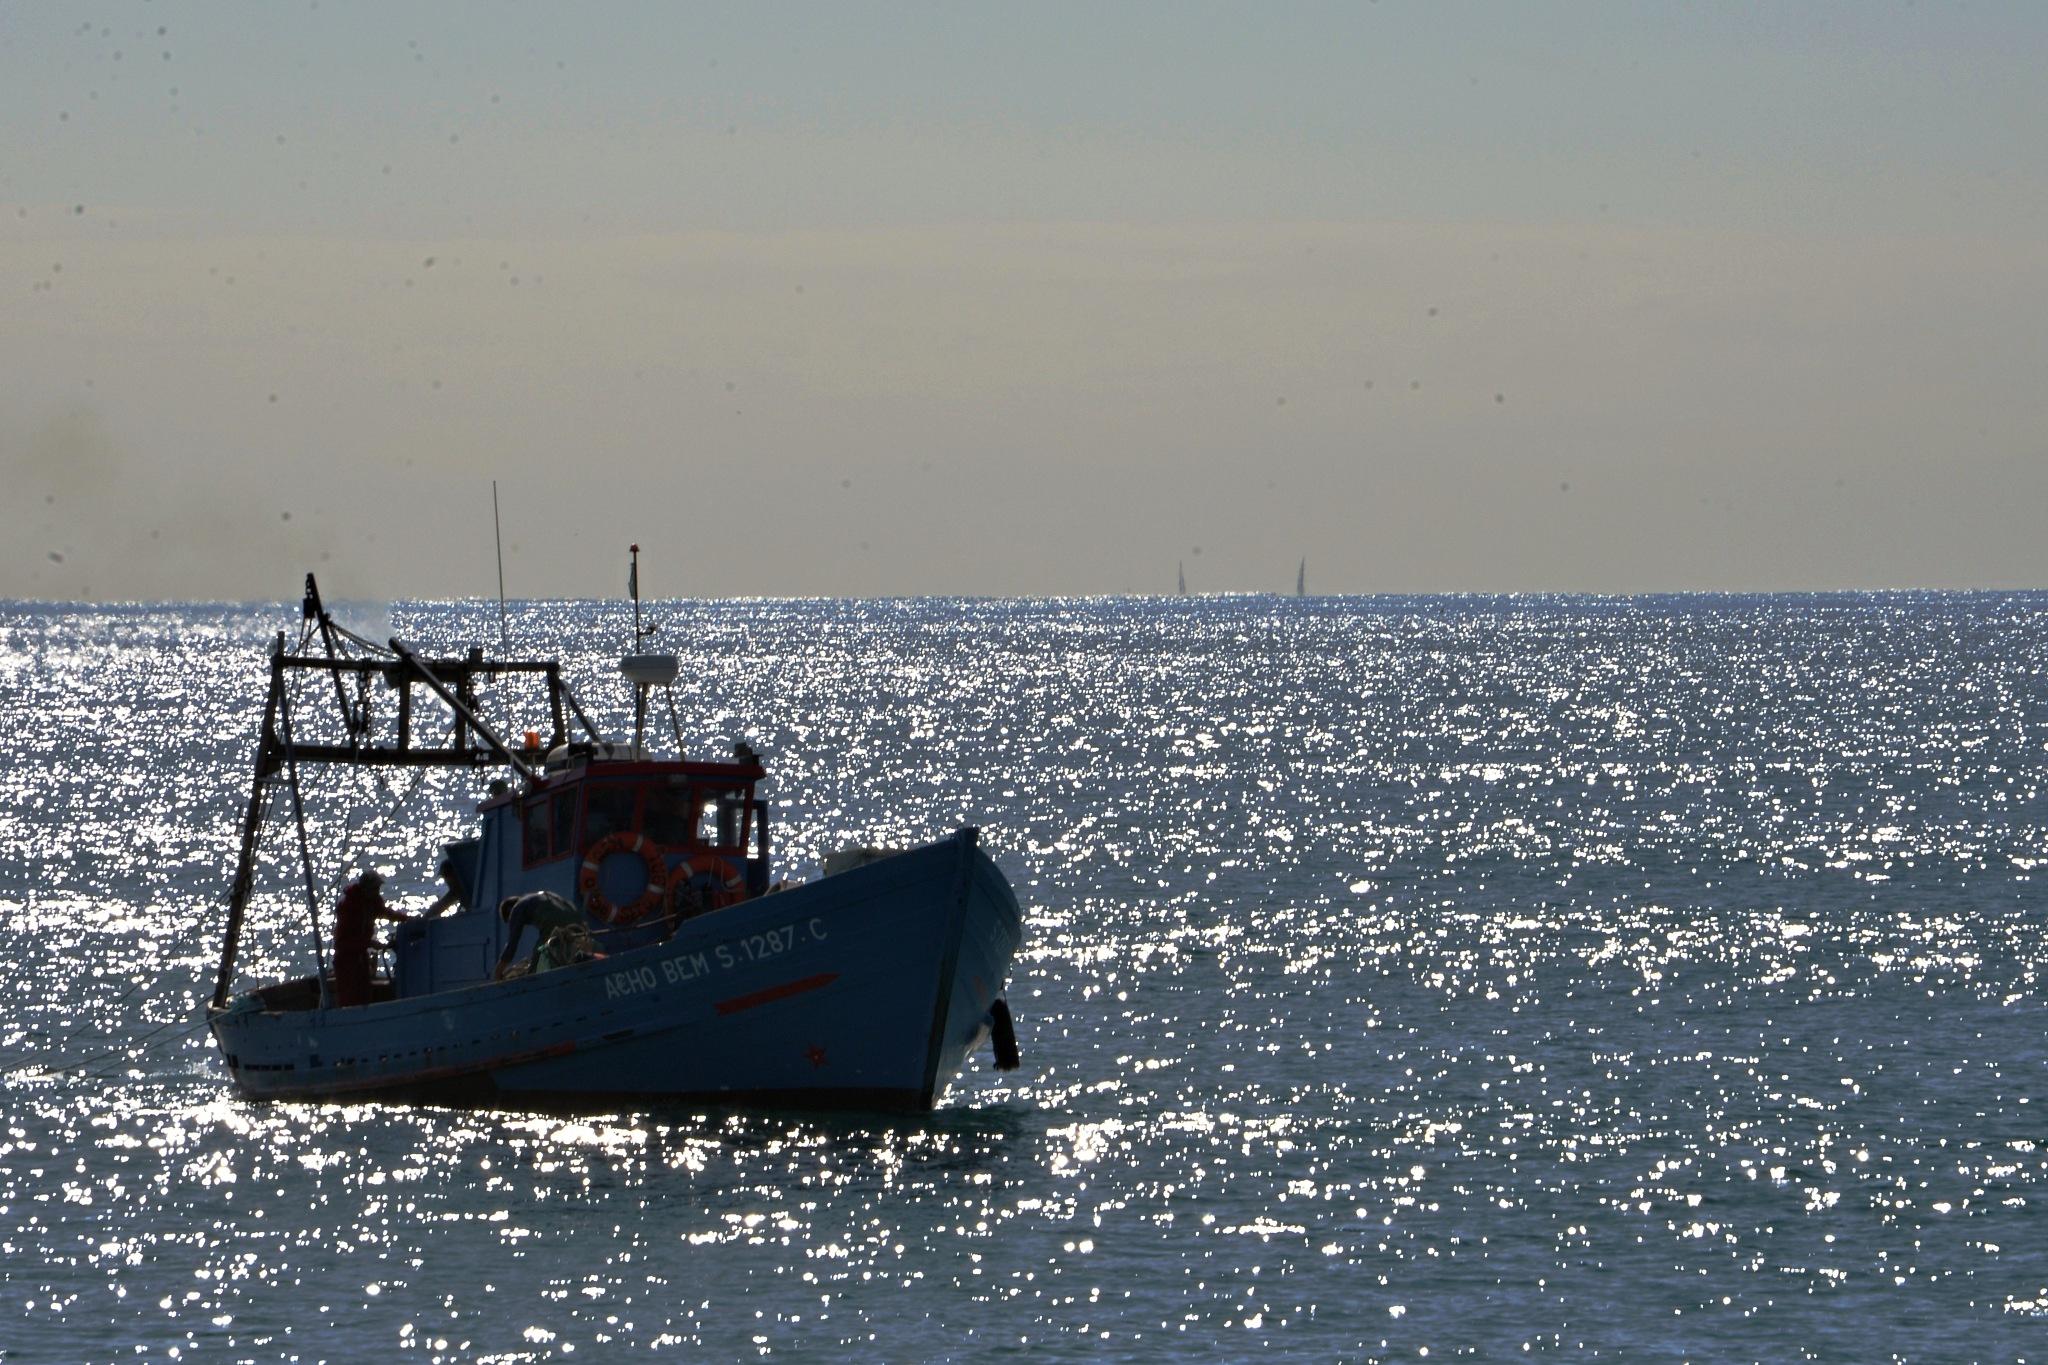 mar de prata by Jorge Cascalho